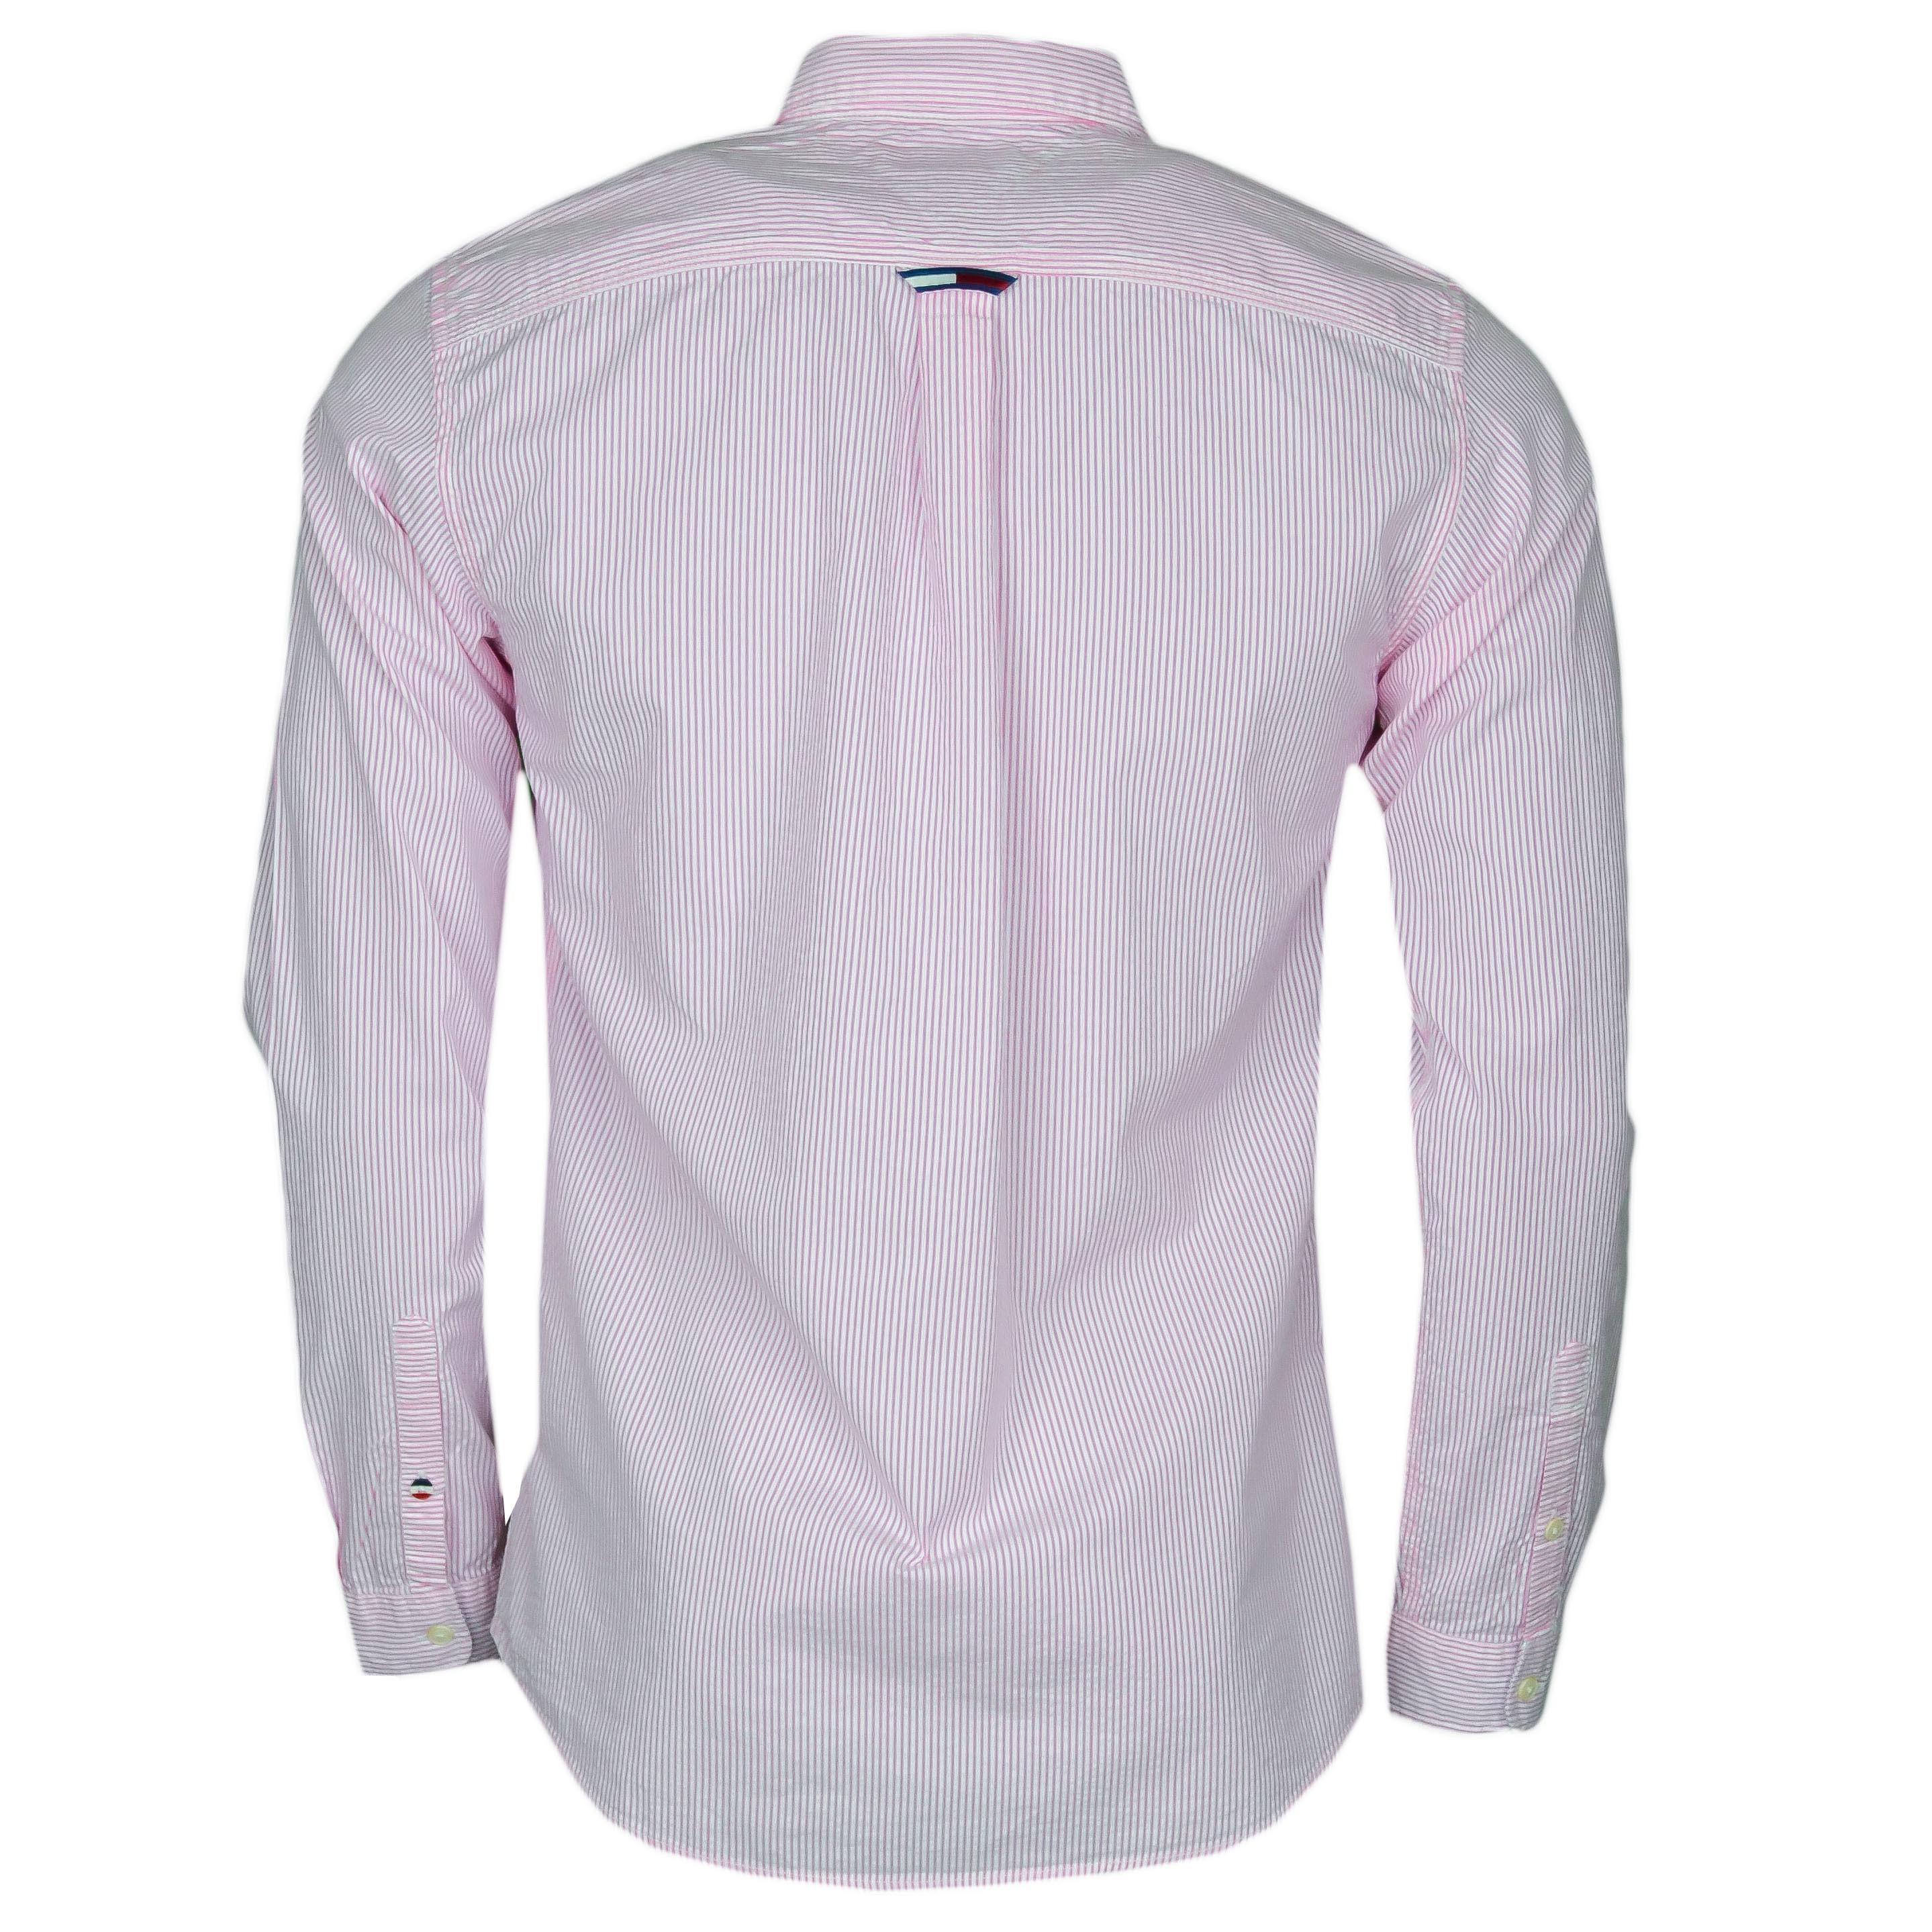 expédition gratuite en présentant magasin en ligne Chemise rayée Tommy Jeans rose et blanche régular fit pour homme - ...